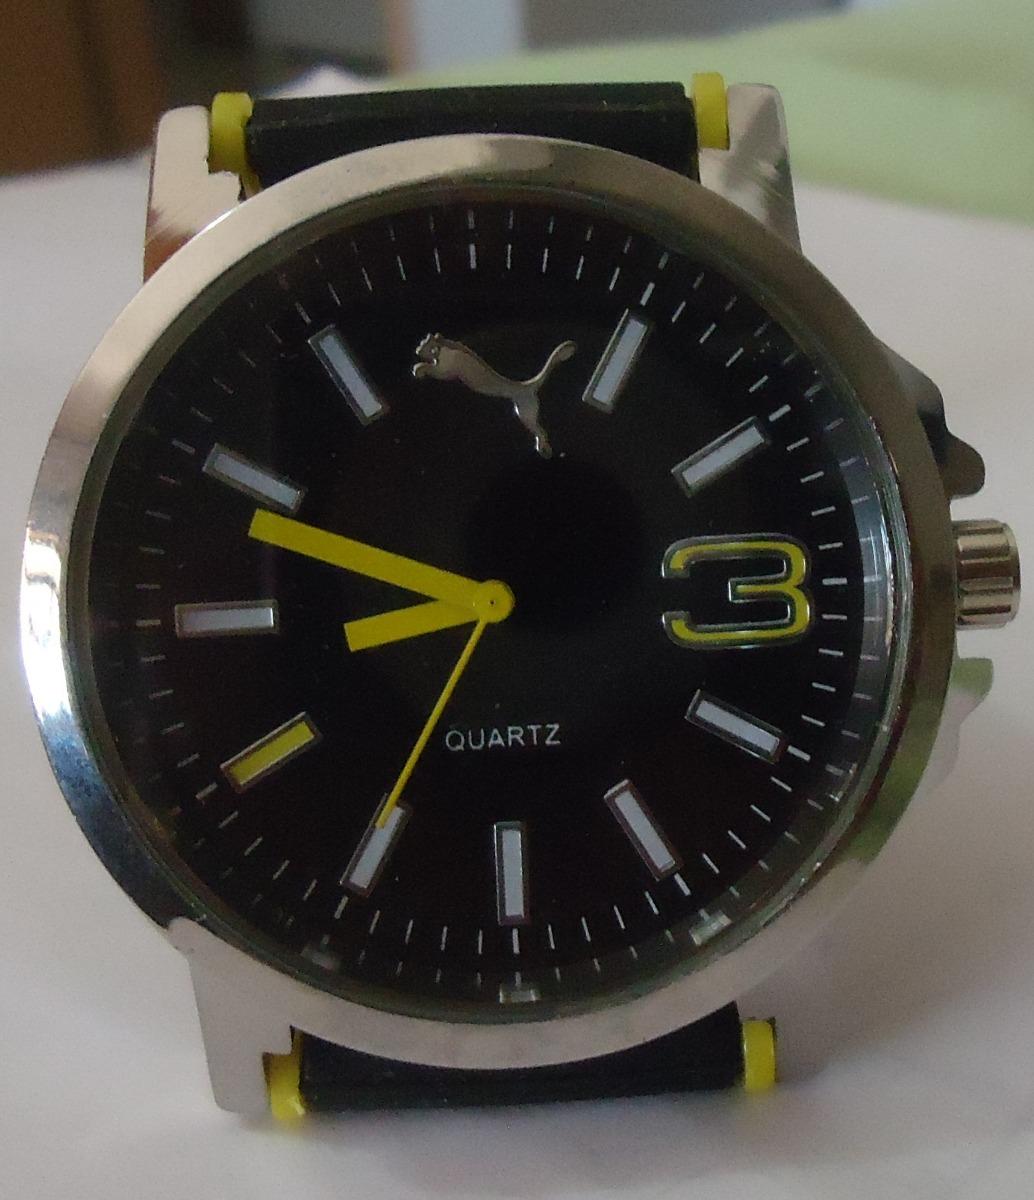 aab2b0da6fe relógio puma sport metal - pulseira borracha preta. Carregando zoom.